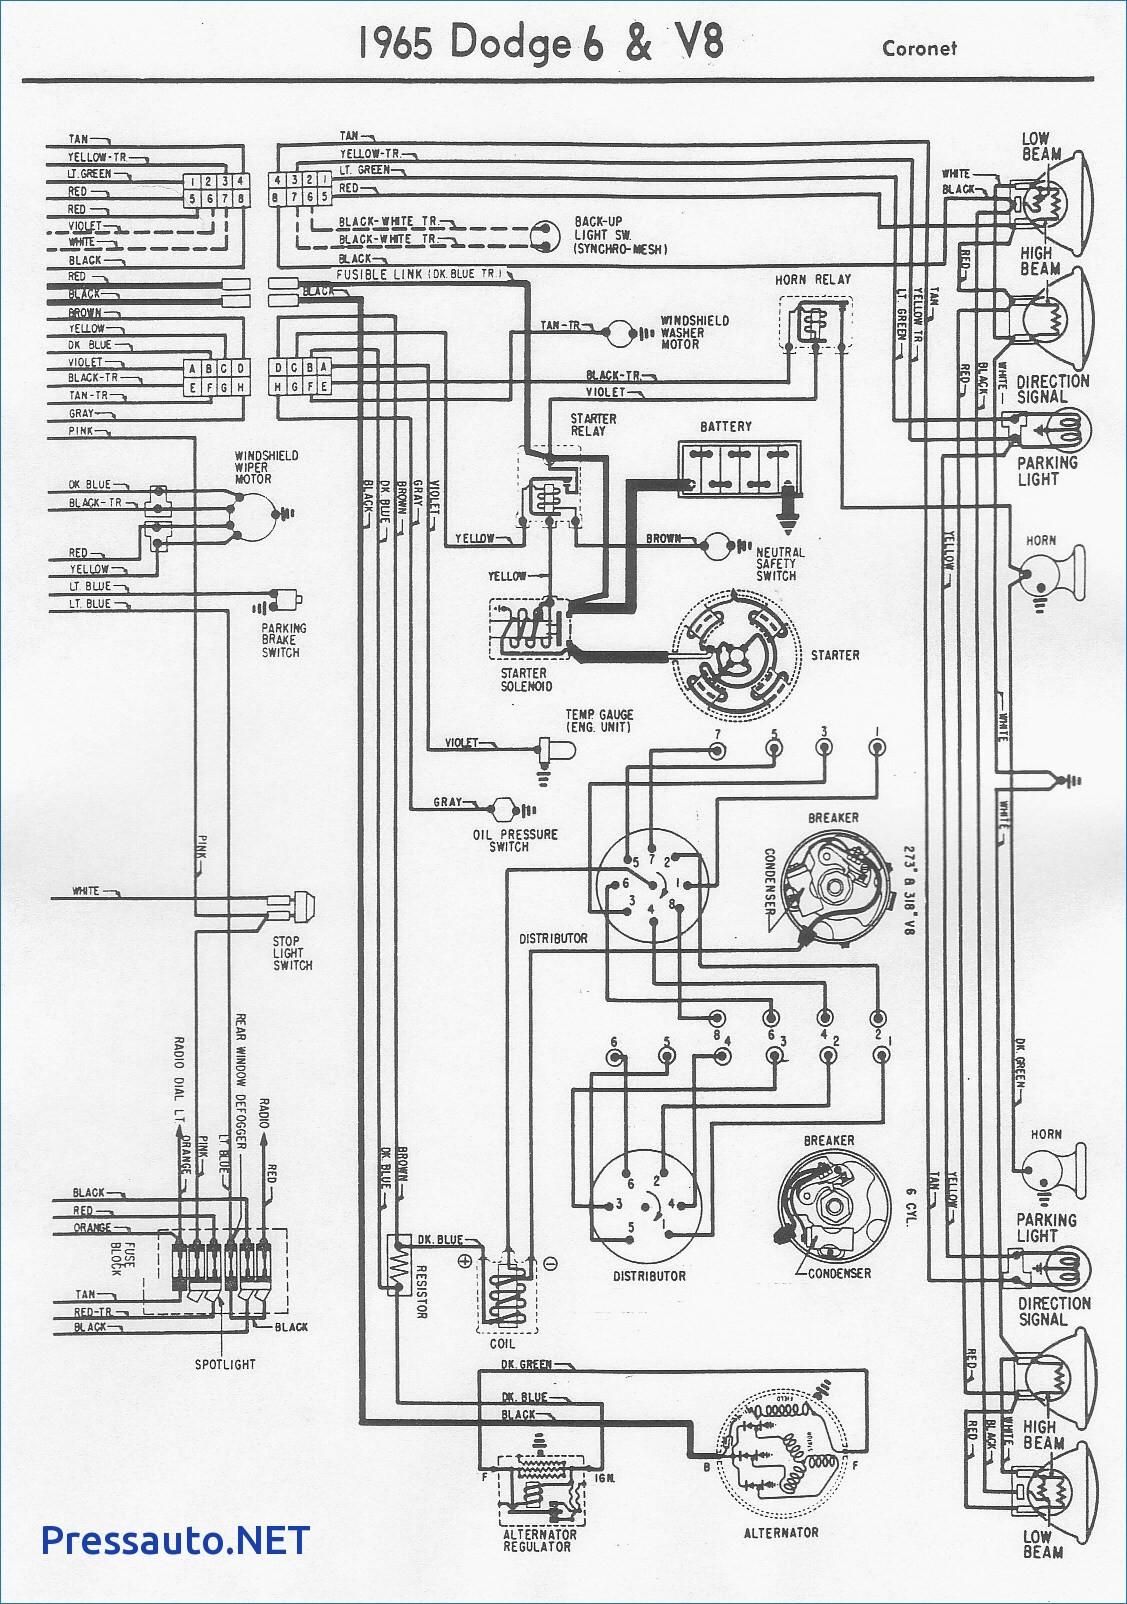 M37 Wiring Schematic - Schematics Online on